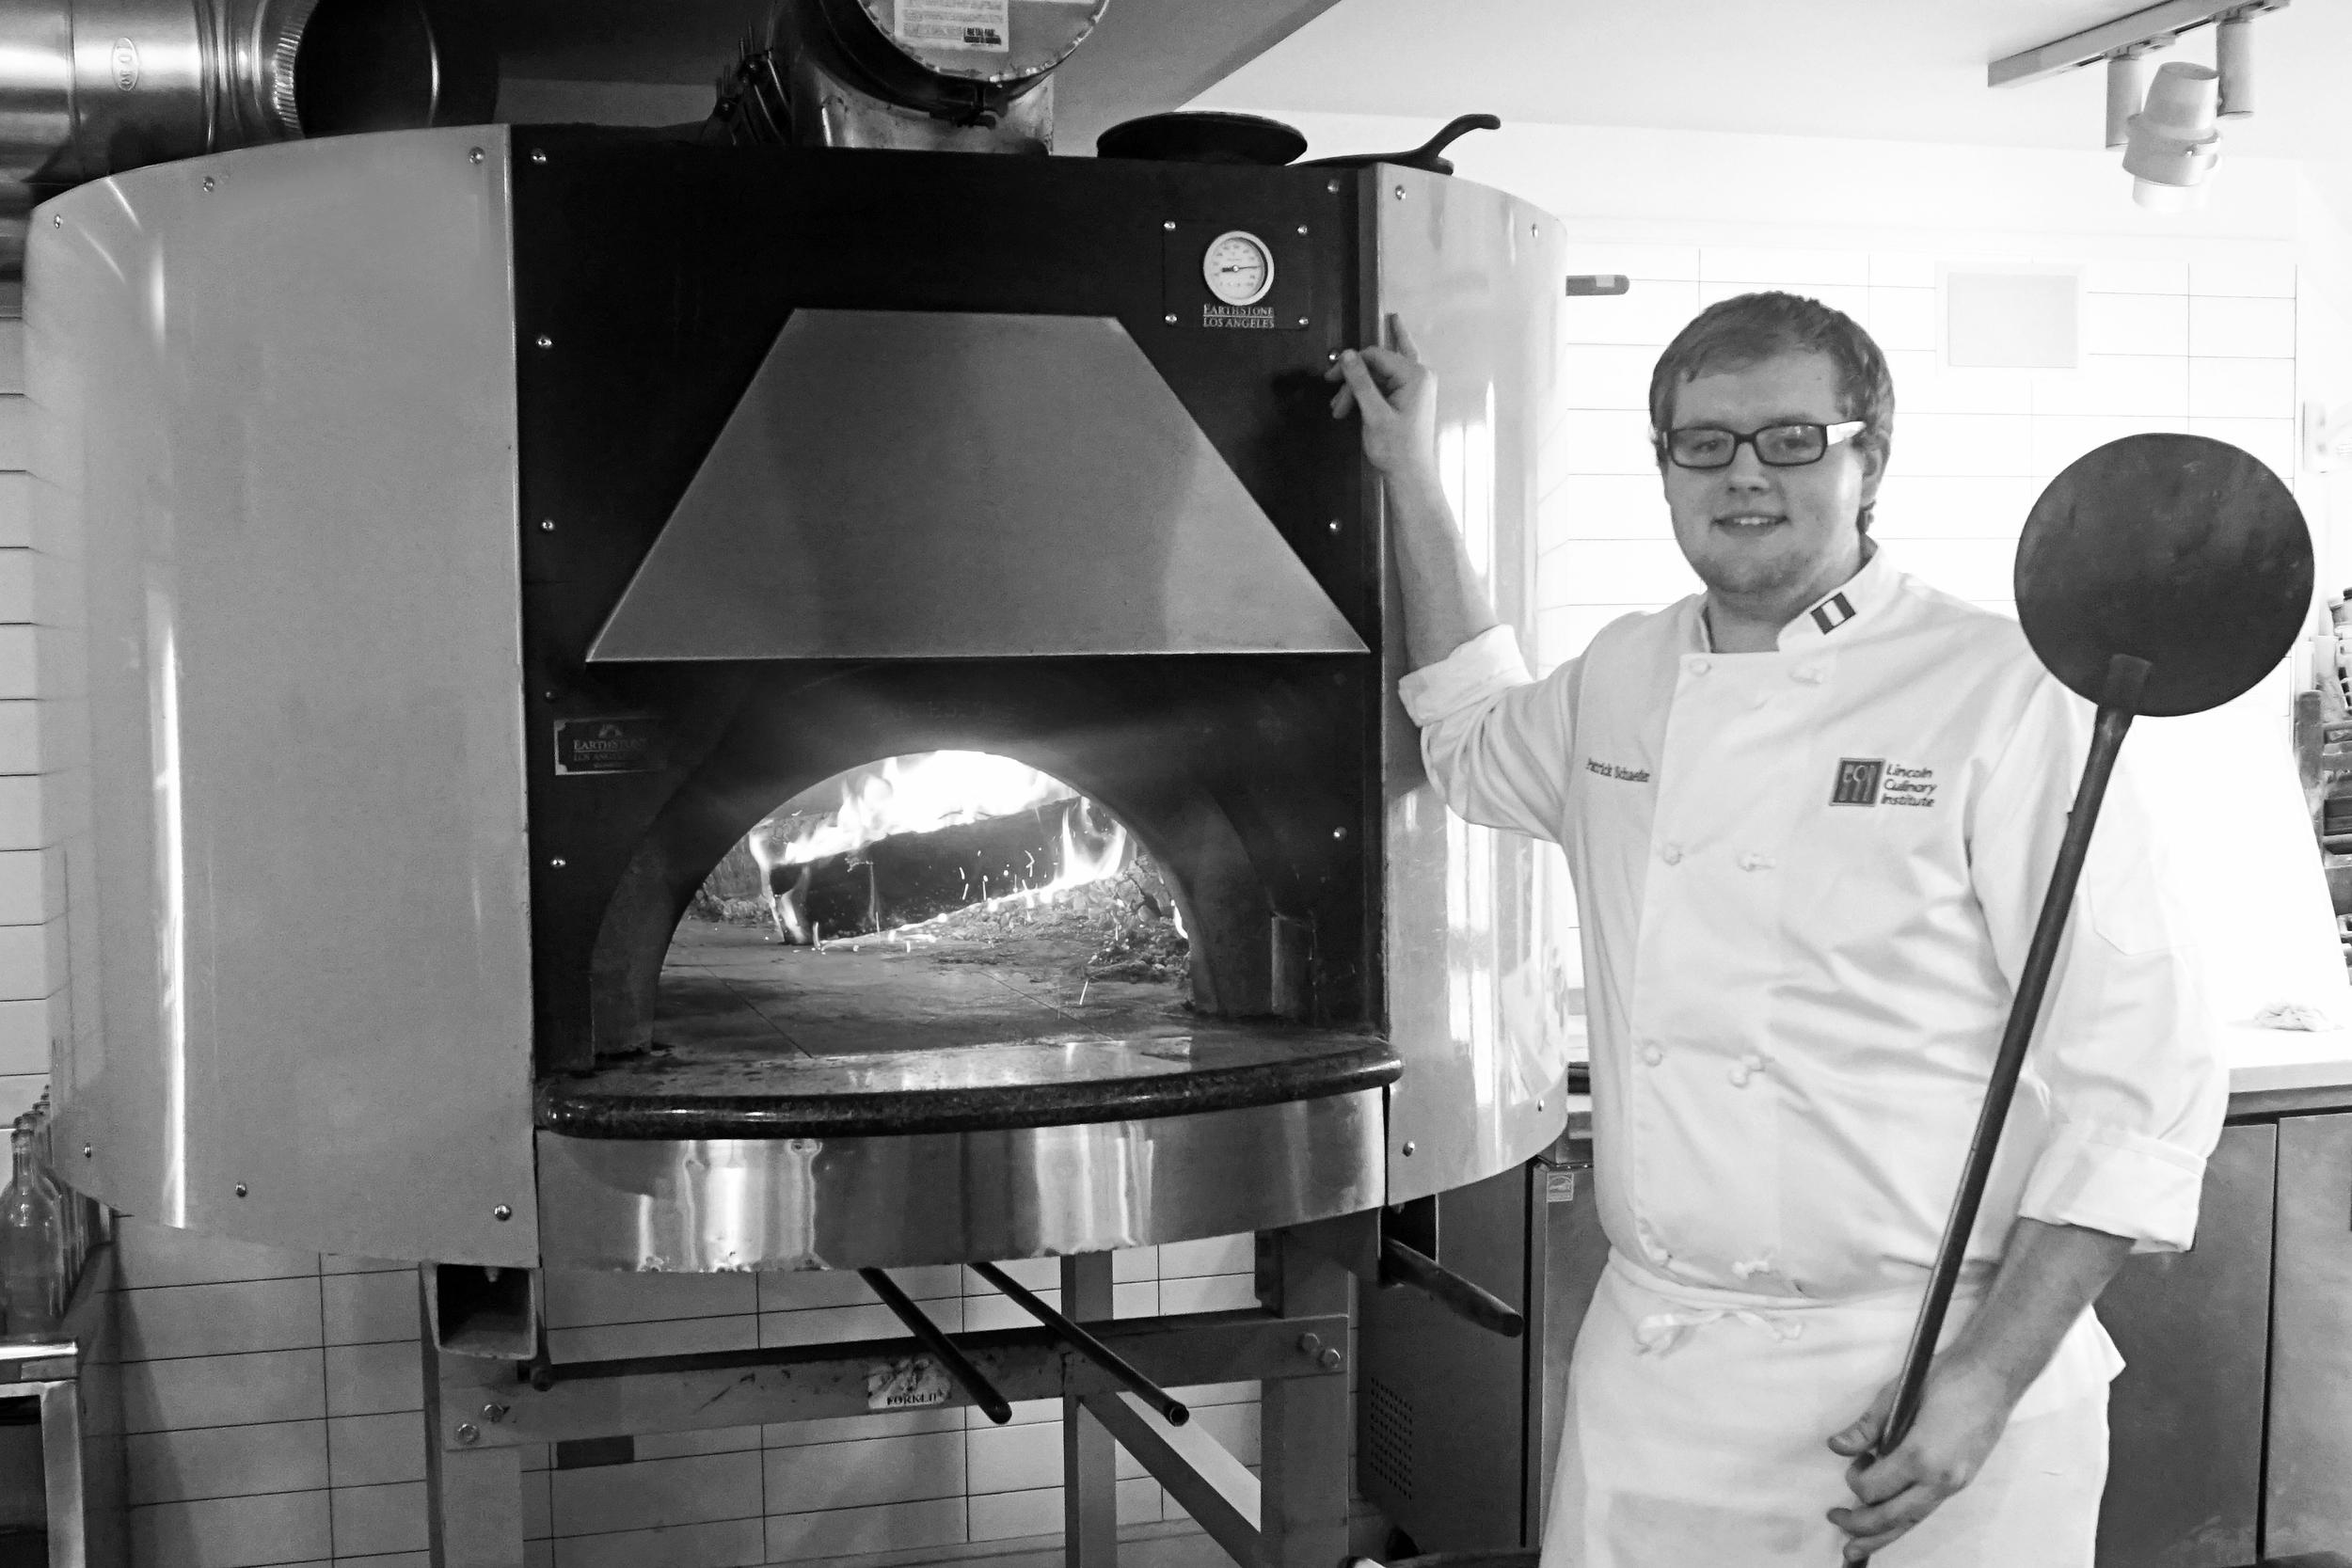 Chef Patrick of OTTO Pizza